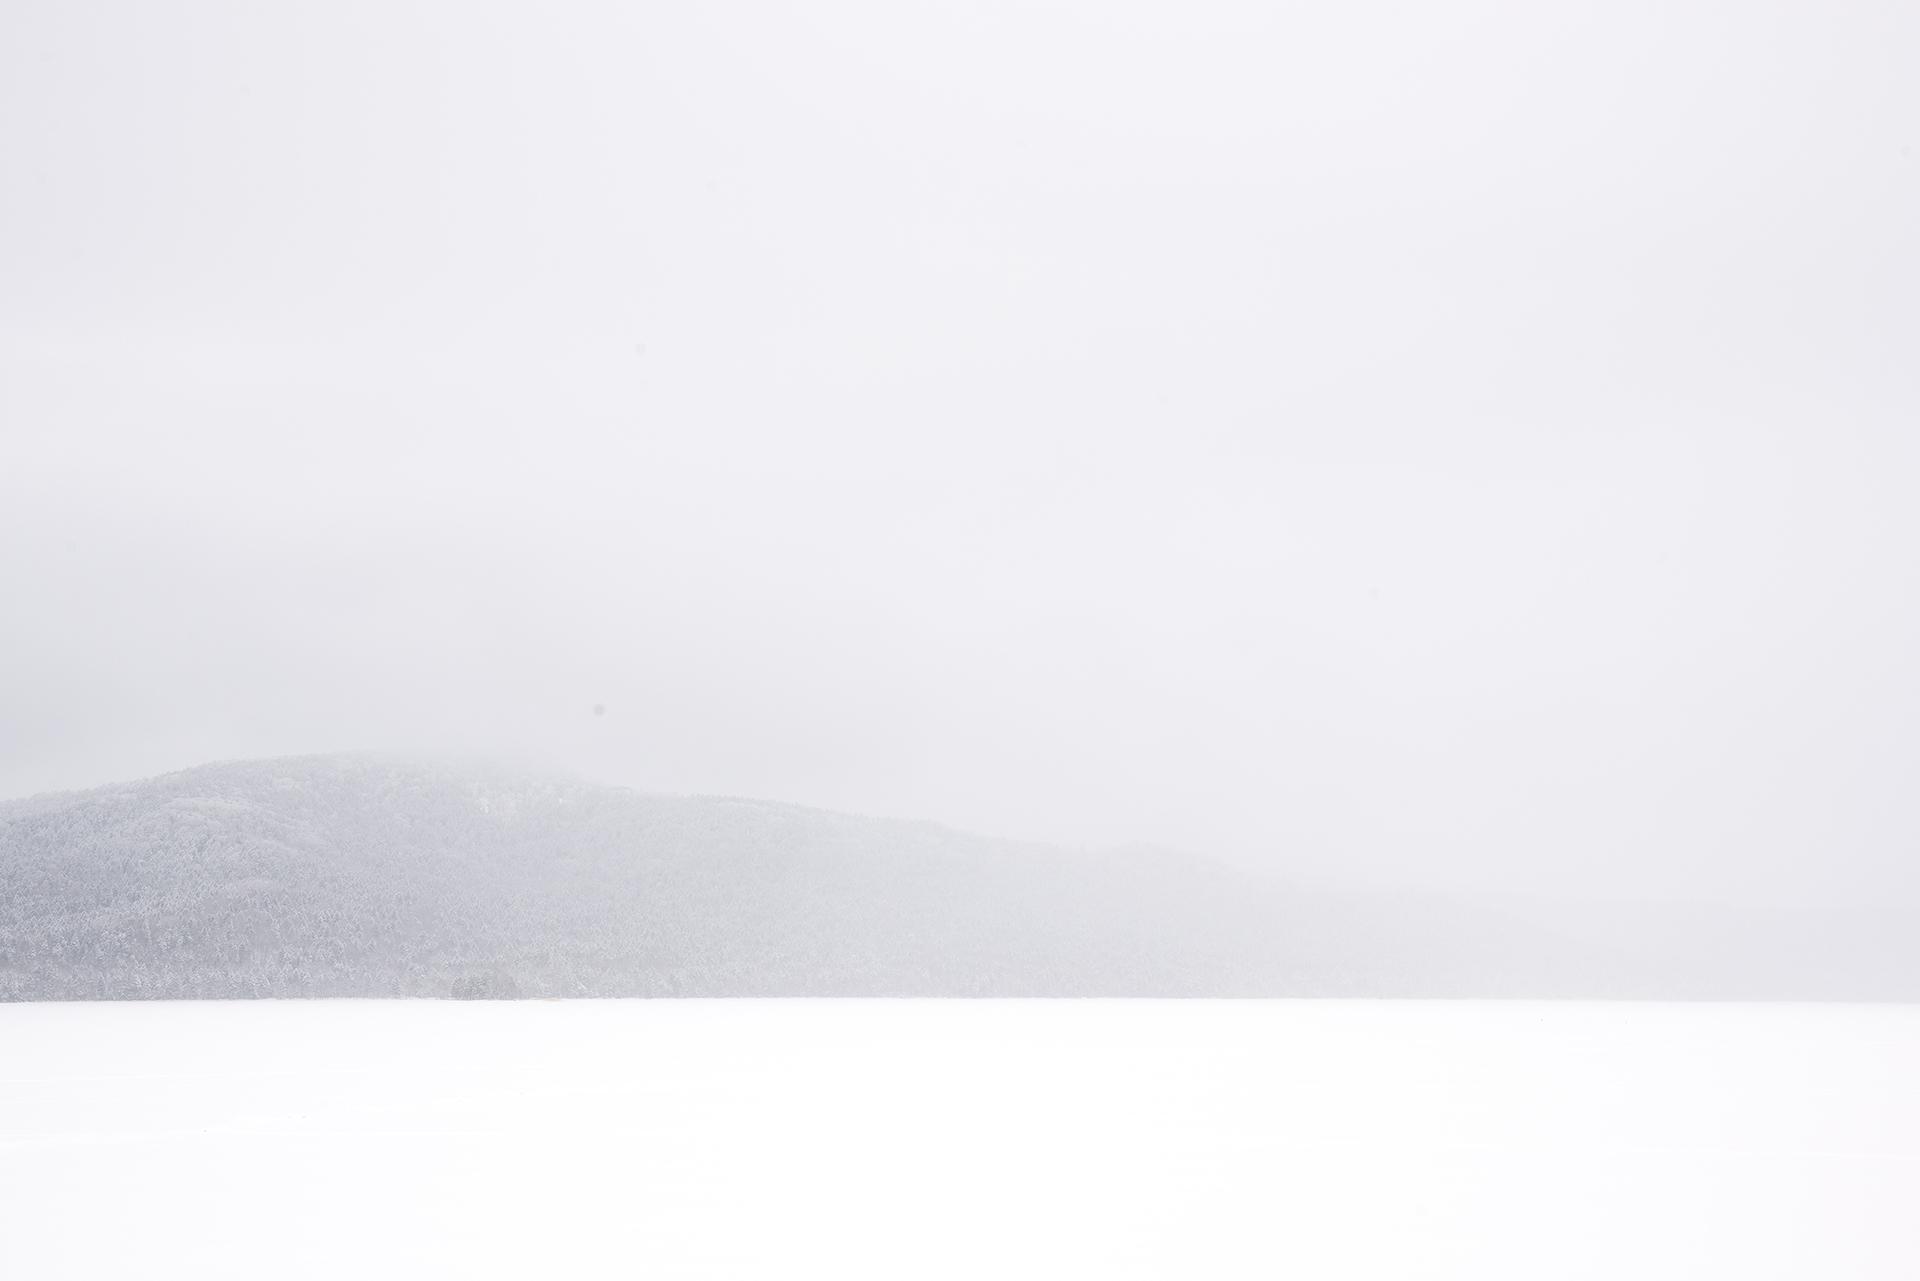 嶋田 聡史 | satoshi shimada